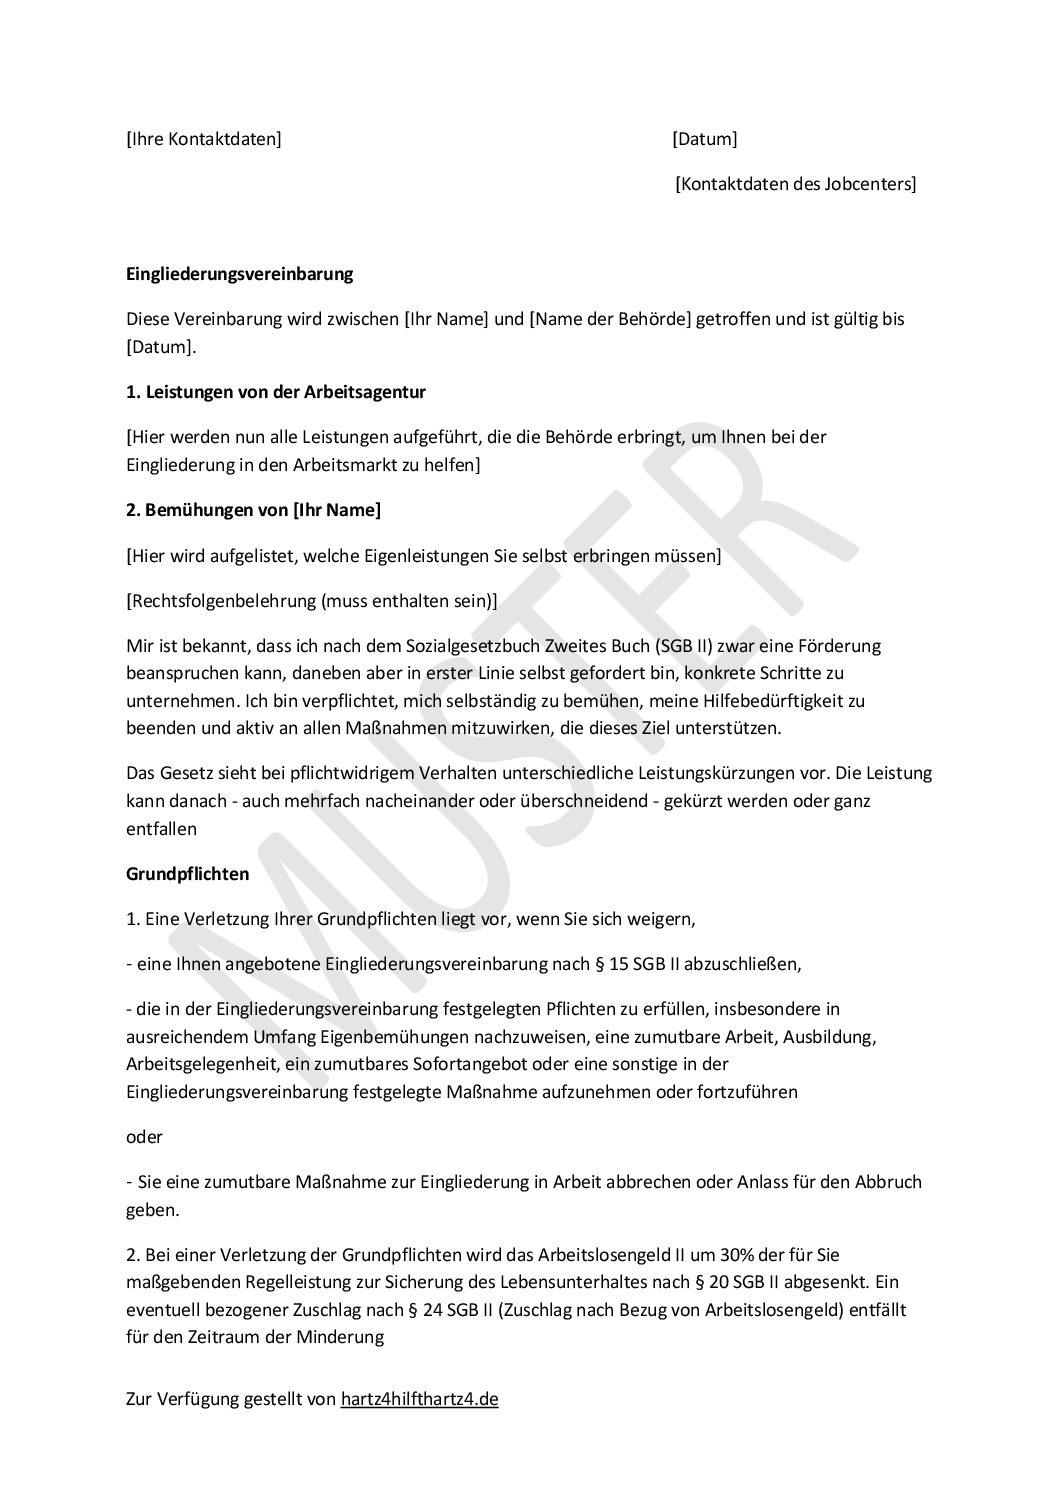 Muster: Eingliederungsvereinbarung